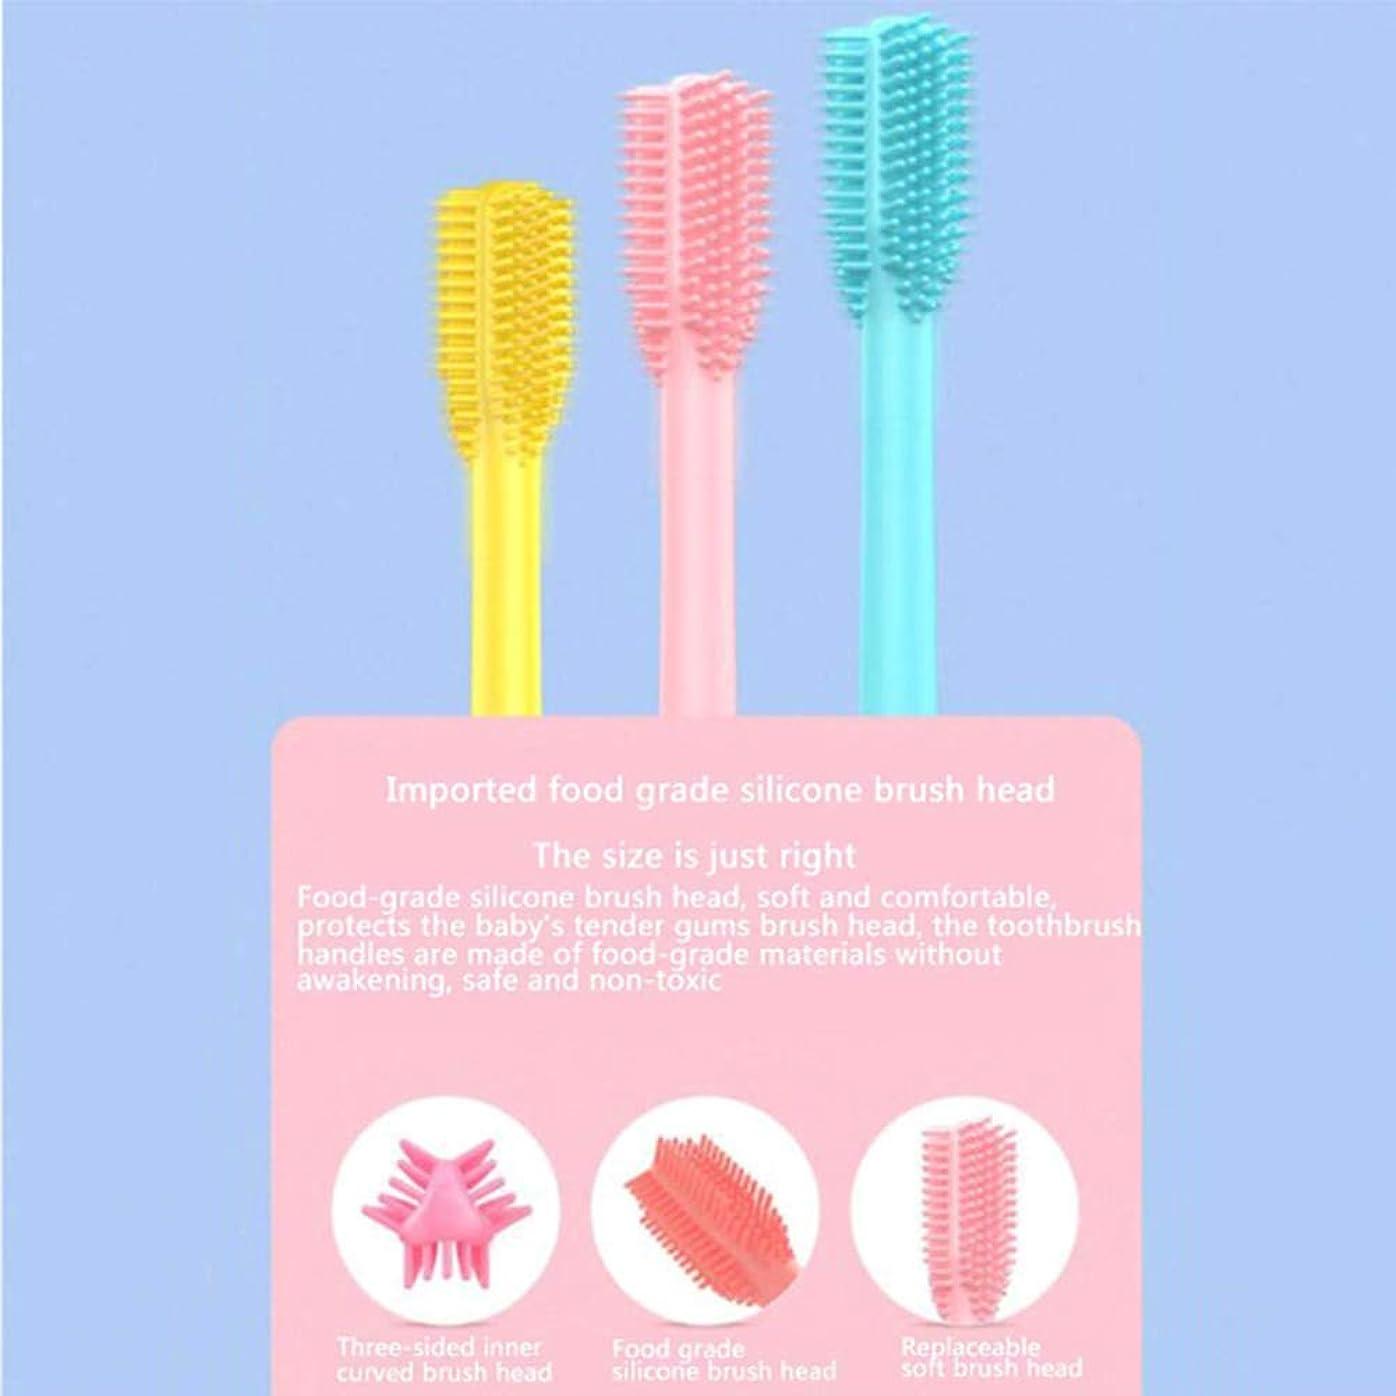 繁雑ナチュラルスリッパ子供用充電式電動歯ブラシ、透明カップ付きシリコン電動歯ブラシ、8000?30000 /分の振動周波数、ワイヤレス充電、食品グレードのシリコーンブラシヘッド、IPX6防水,Pink